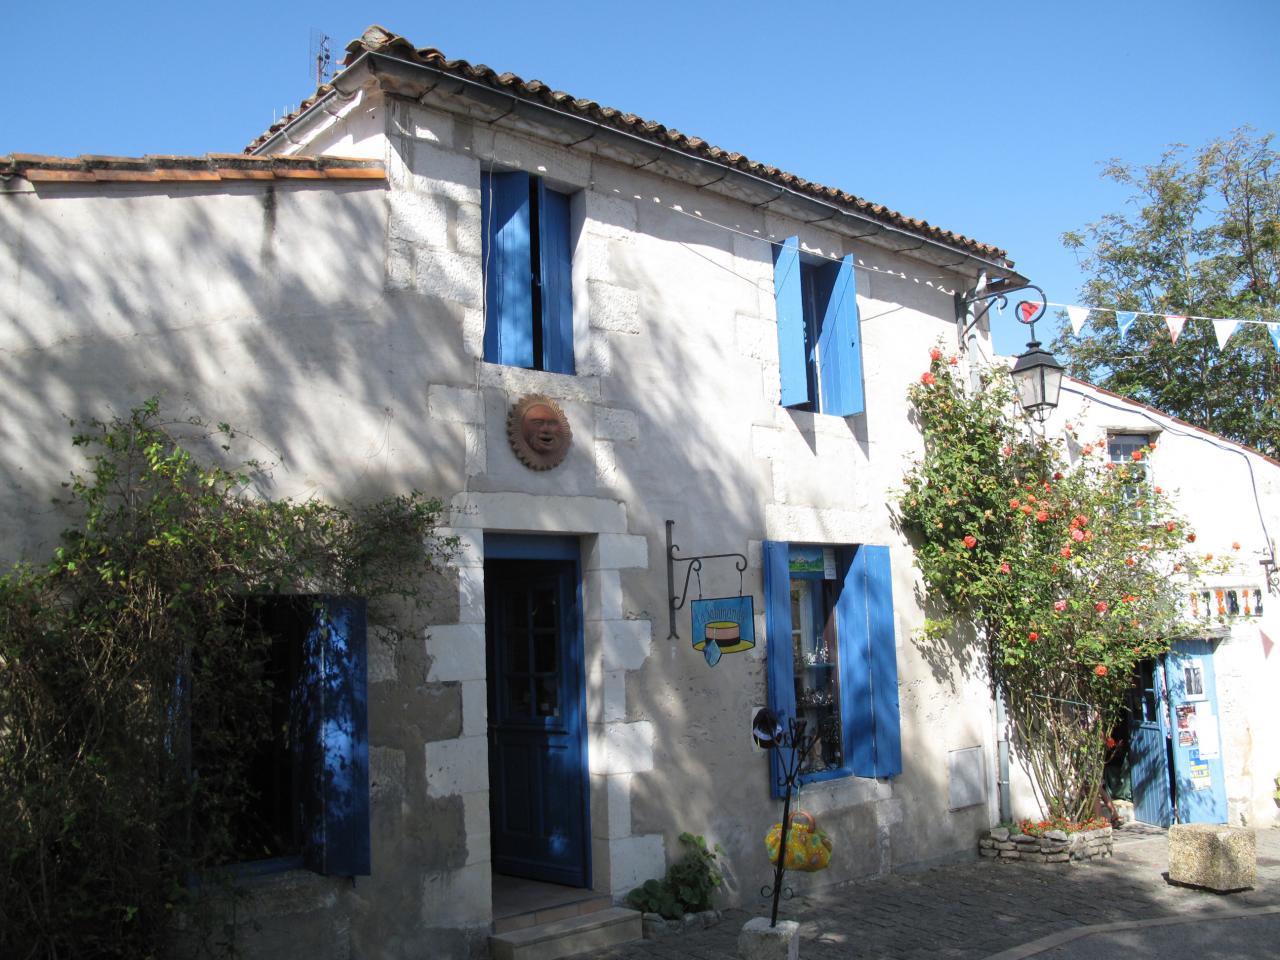 Bleu comme ... une maison charentaise